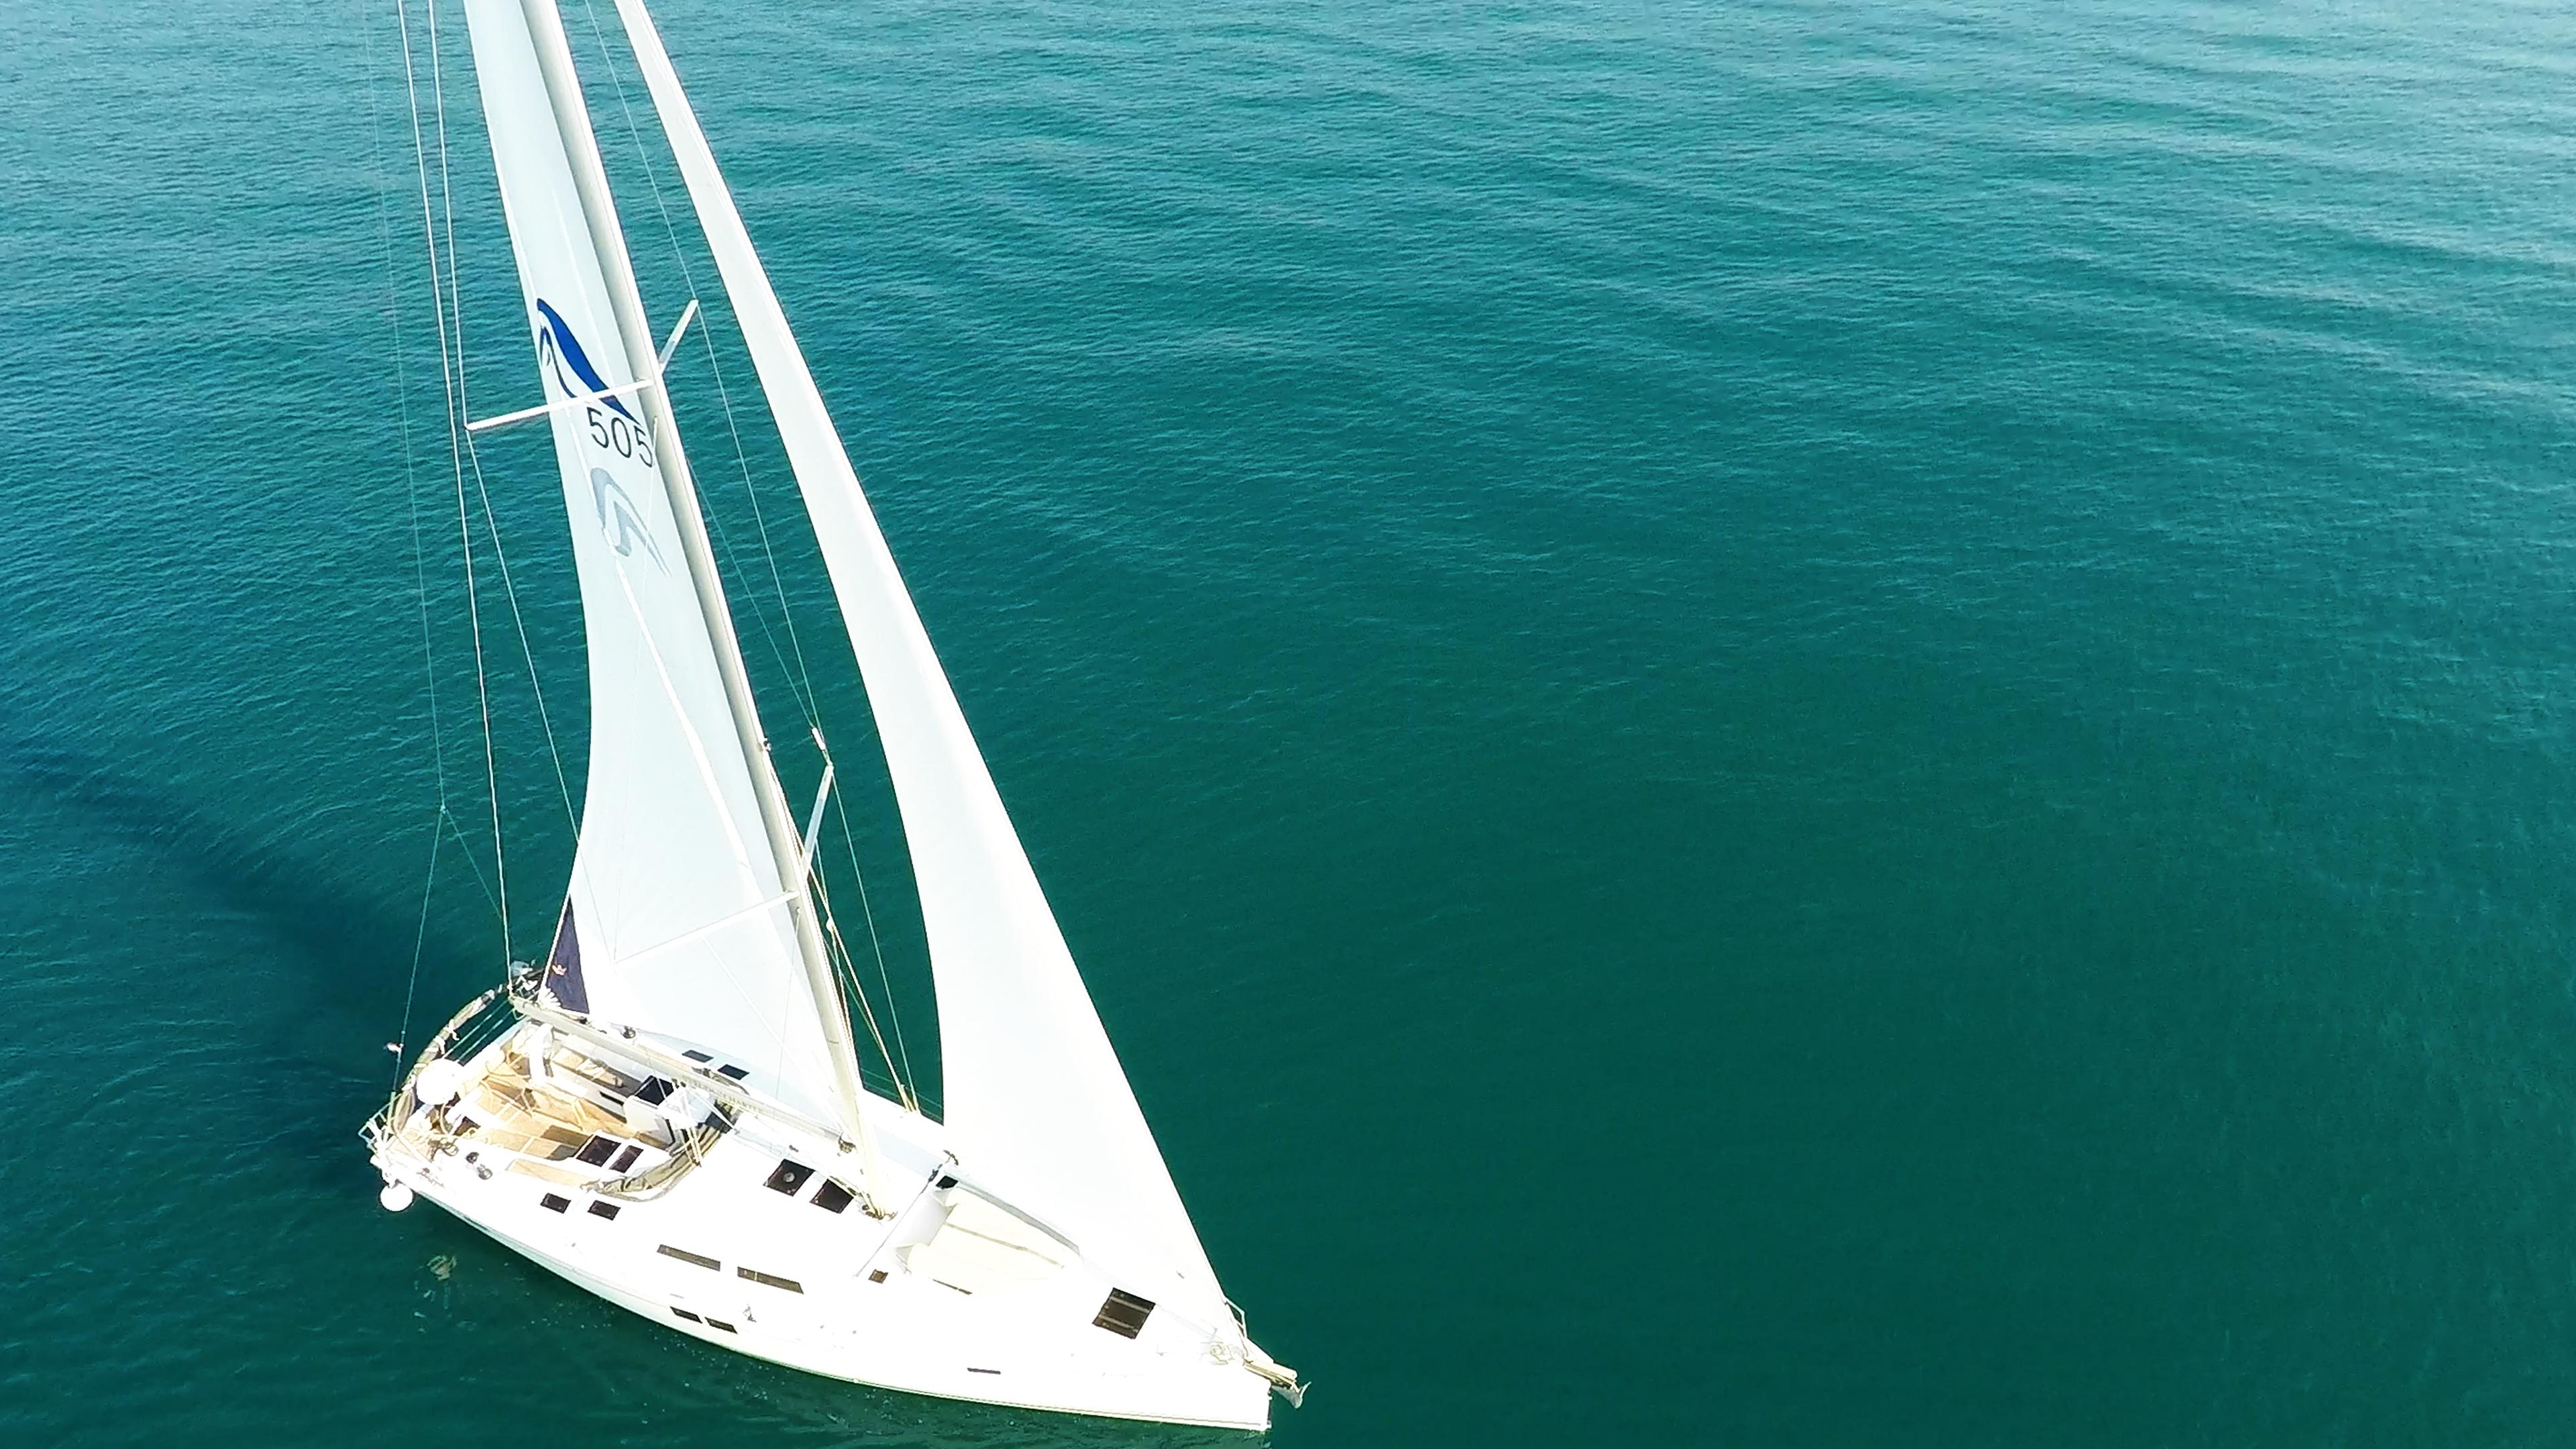 barcha a vela Hanse 505 yacht a vela da sopra